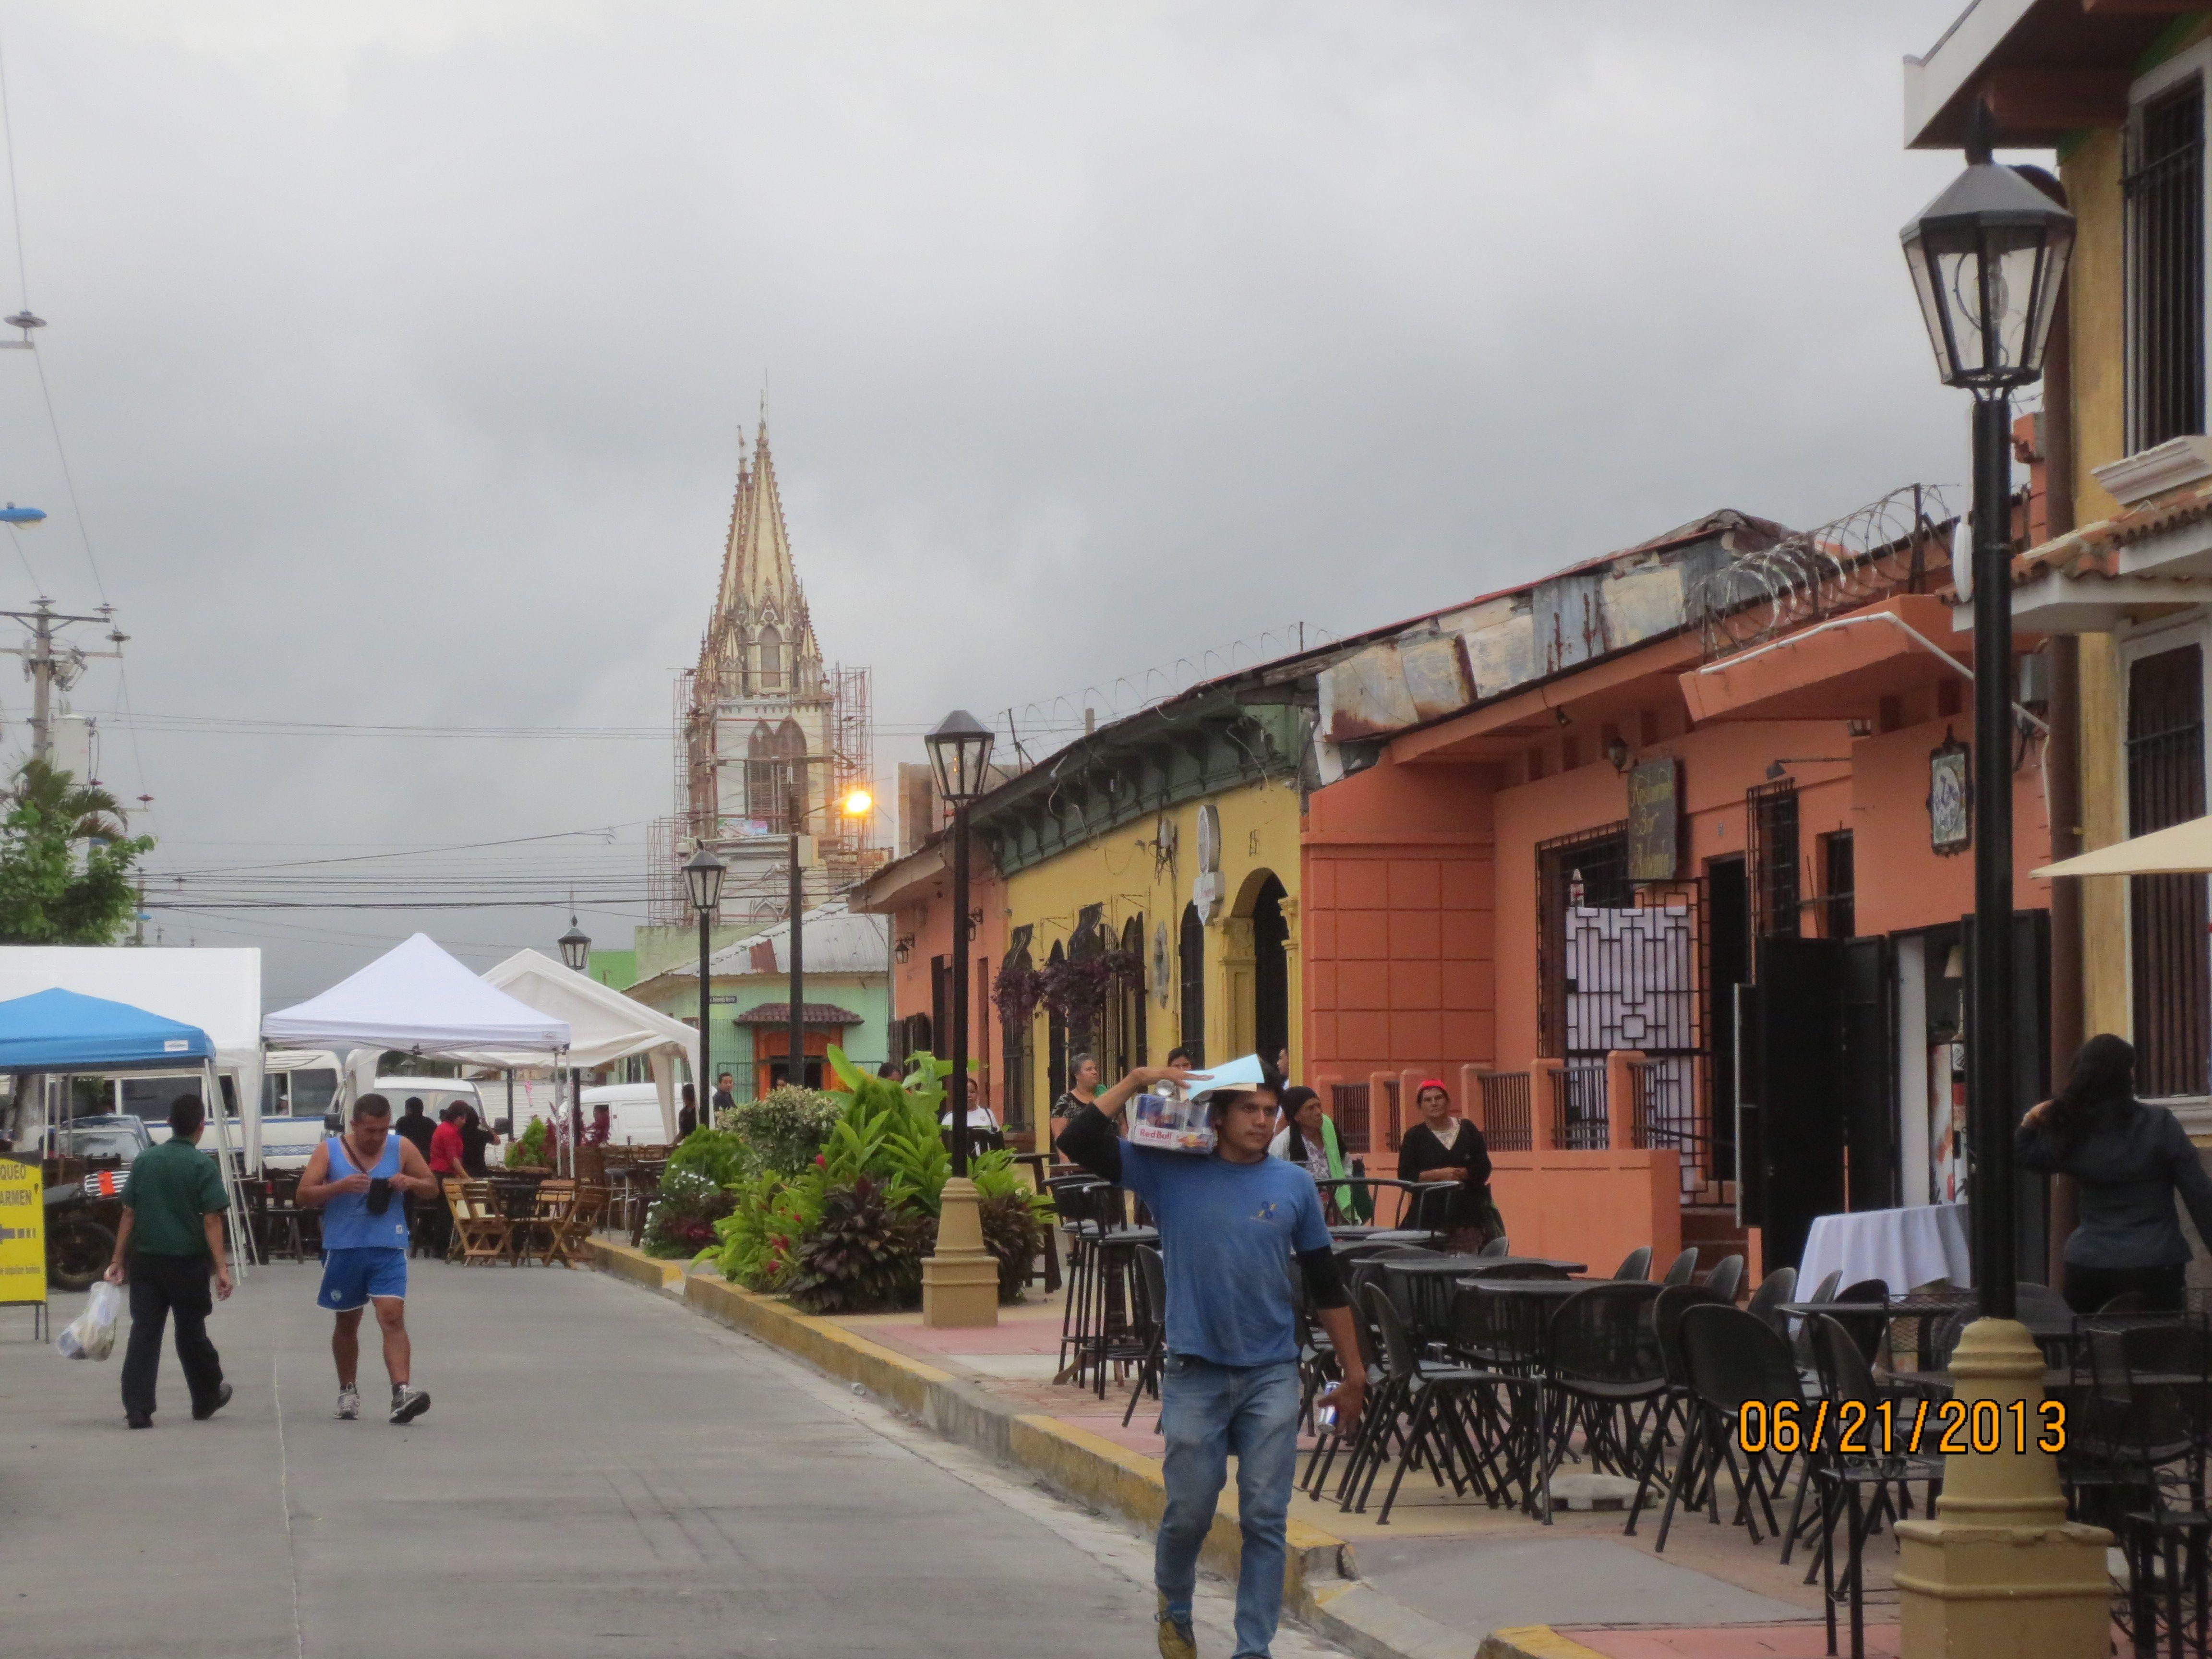 Paseo El Carmen, Santa Tecla, El Salv. | Places We've been to